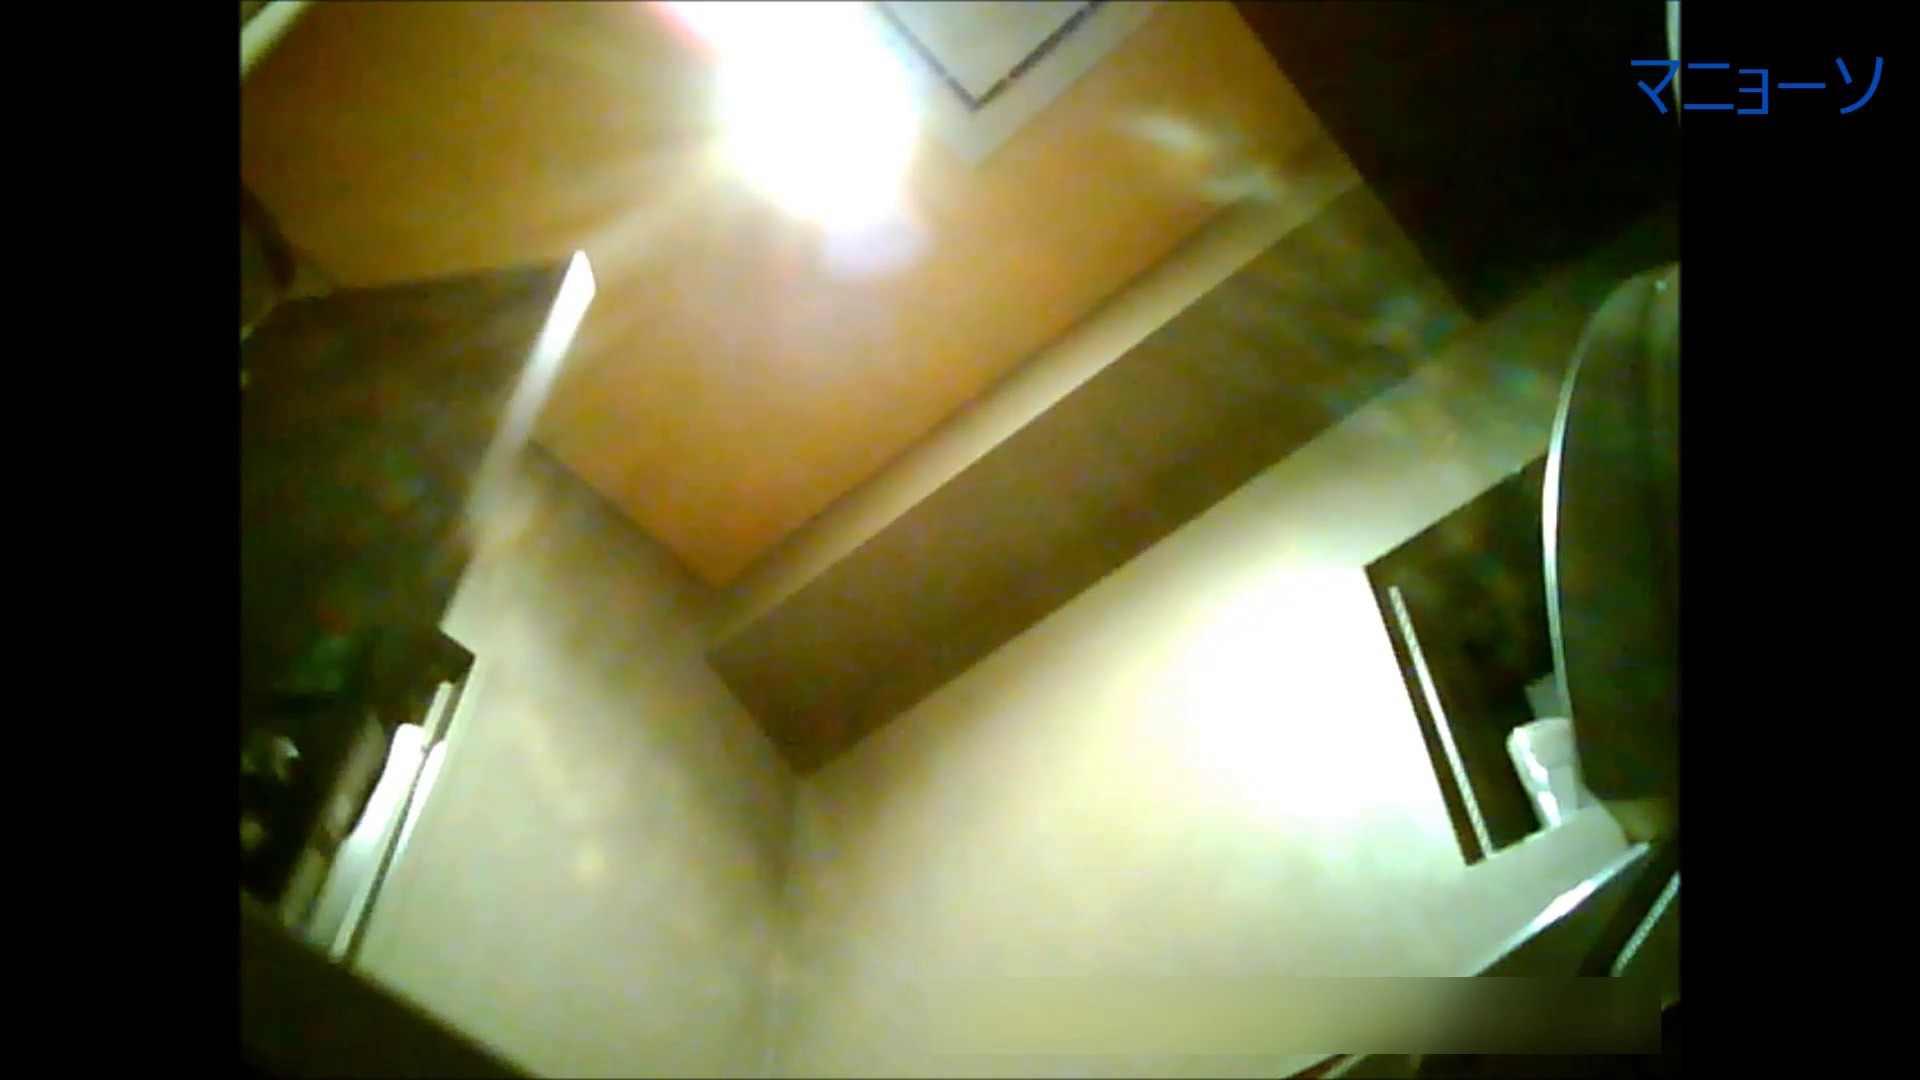 トイレでひと肌脱いでもらいました (番外編)Vol.01 トイレの実態  87PIX 58